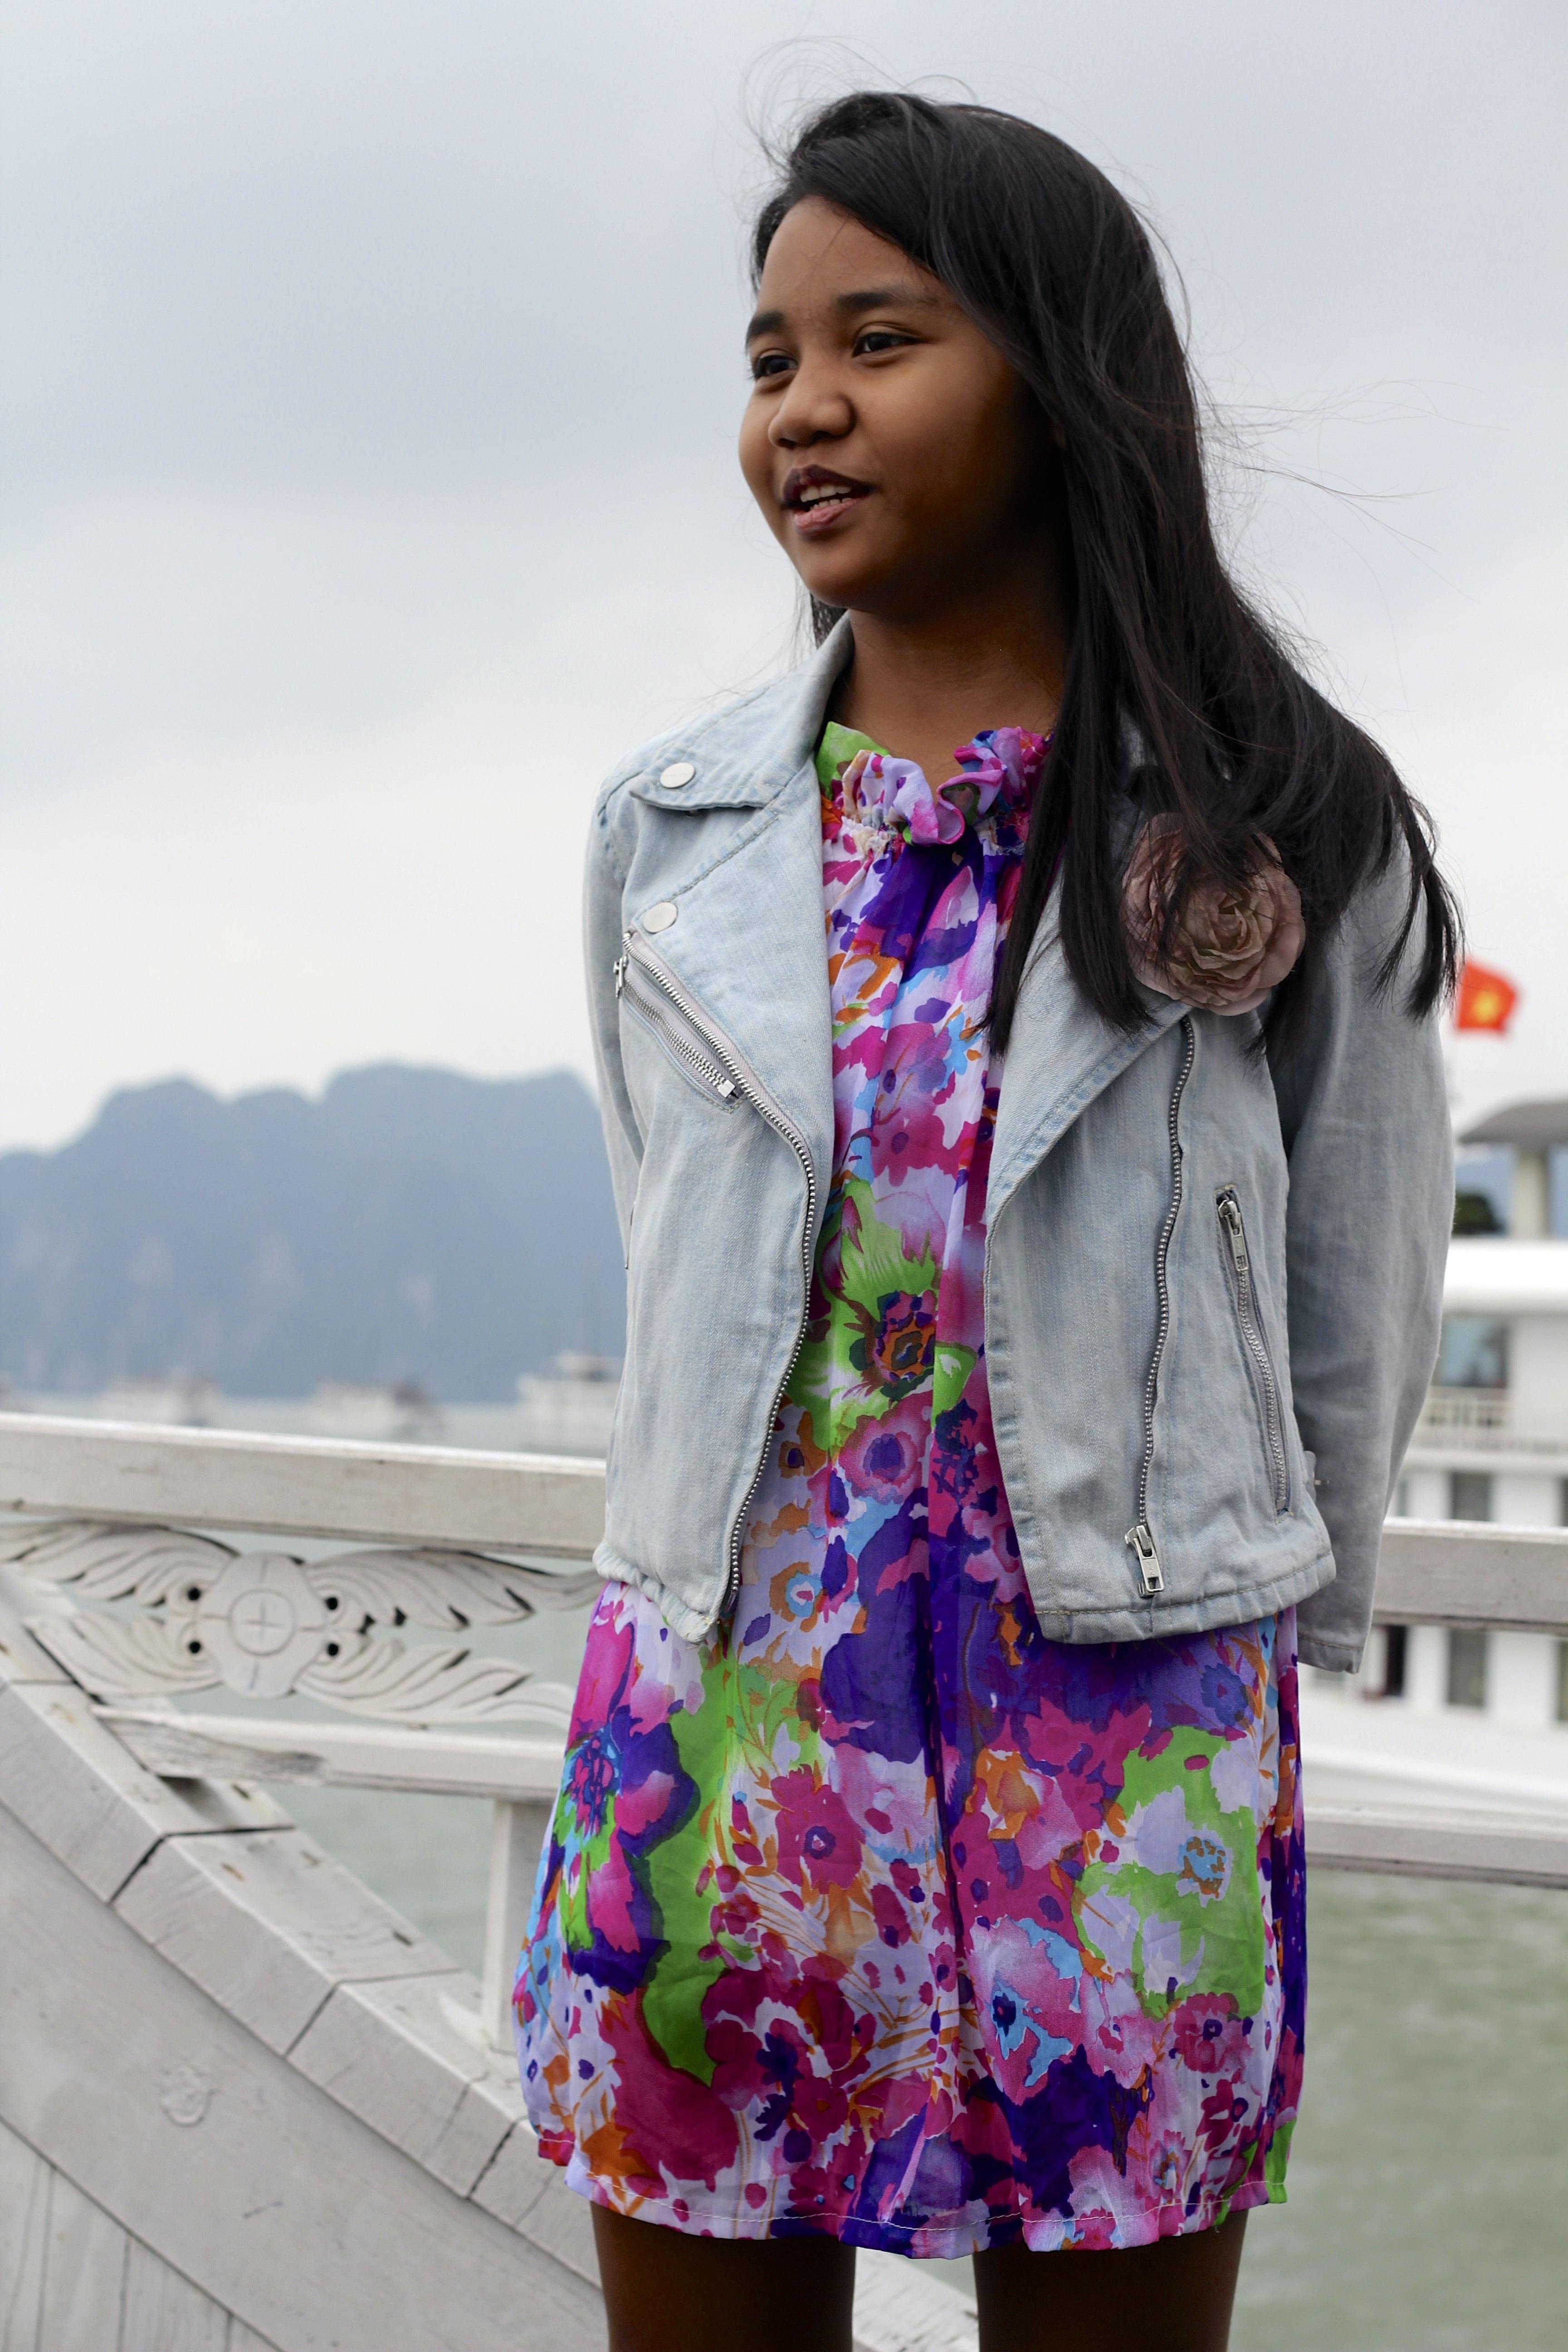 86e81d4f6217 pige forår slap af barn mode tøj jakke overtøj smil tekstil kjole glæde  blazer datter mave